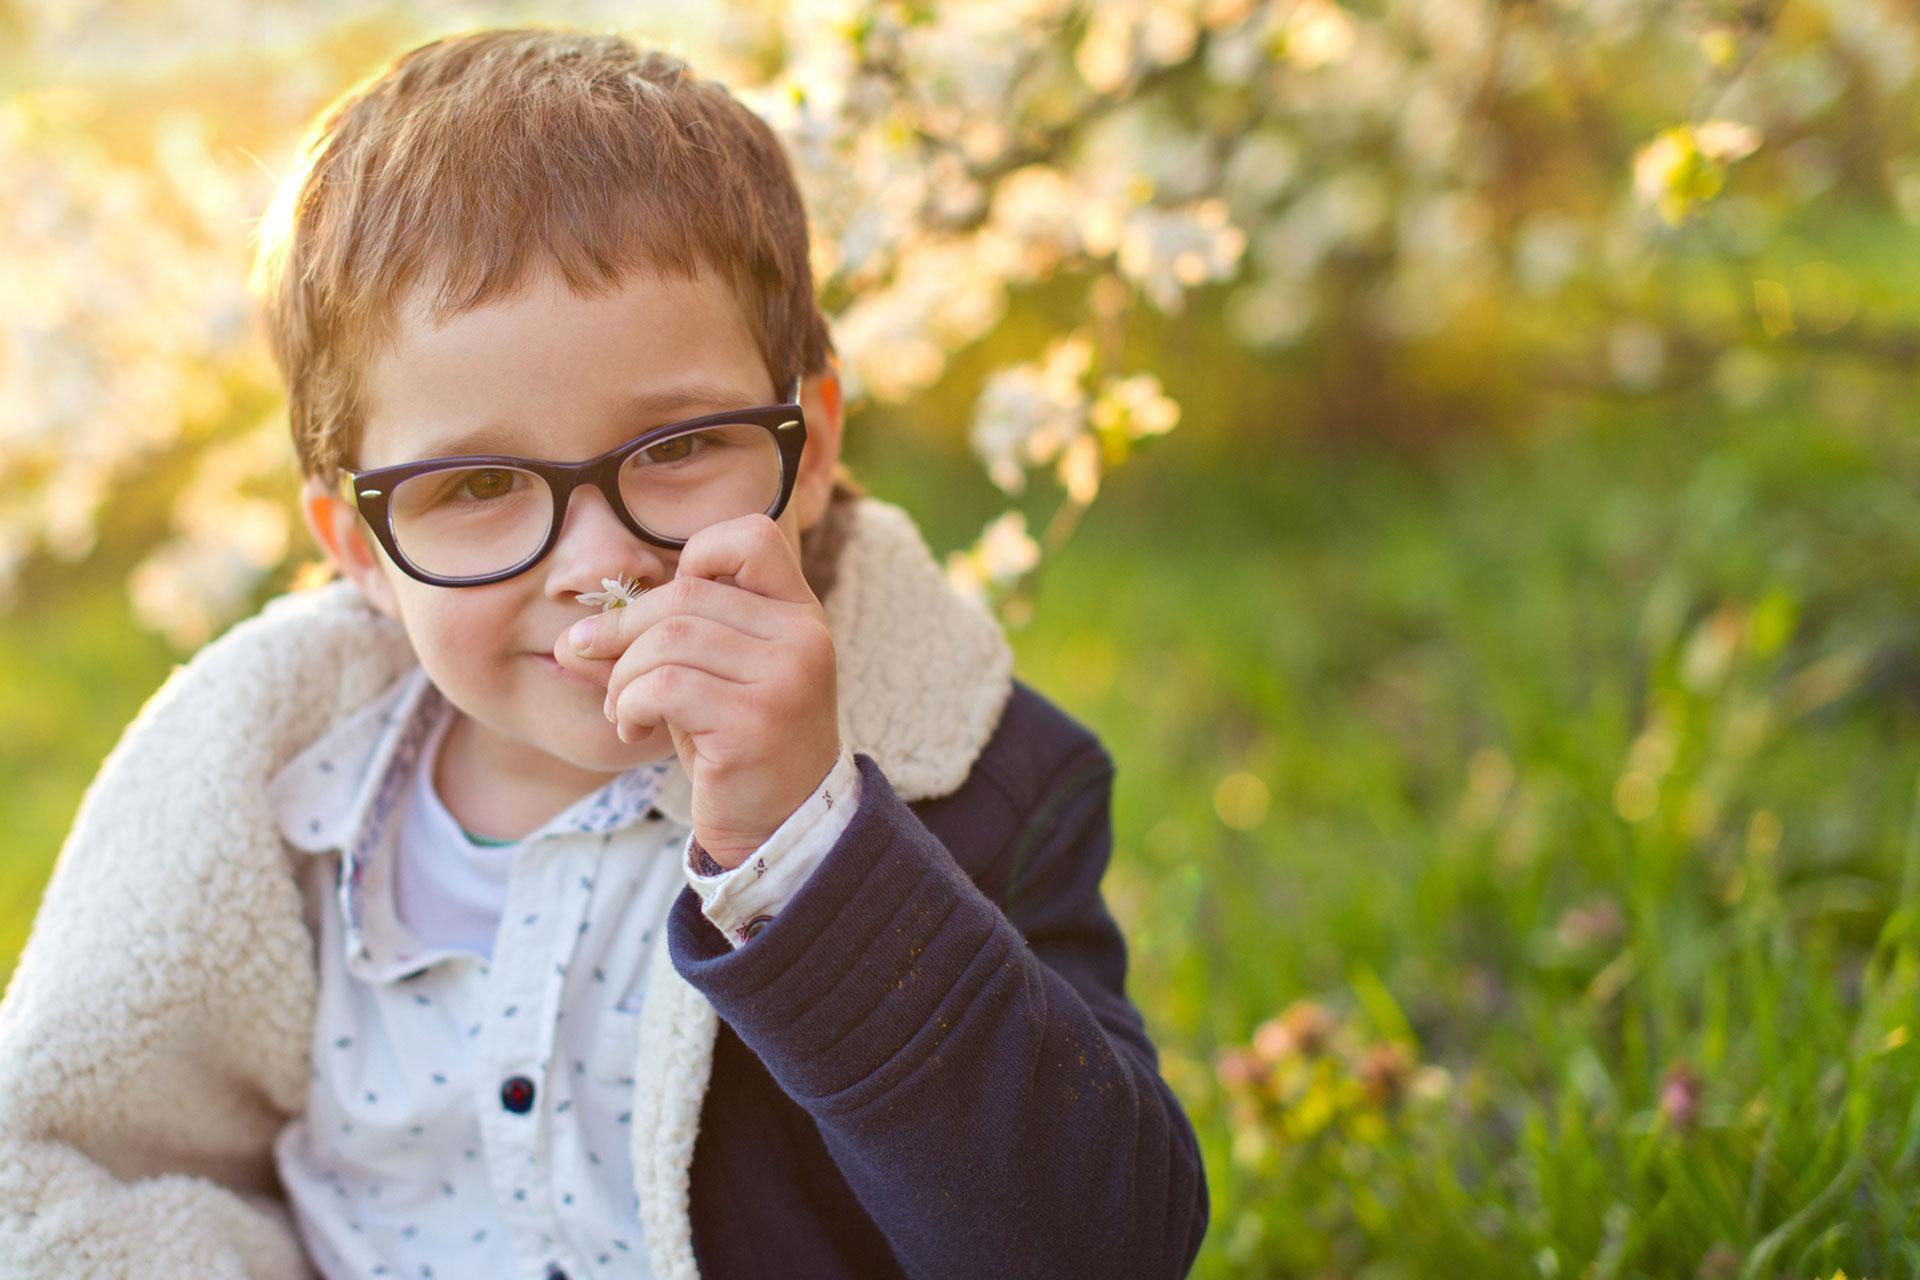 Egészséges elevenség vagy hiperaktivitás? 8 tipp szülőknek - Útikalauz anatómiába